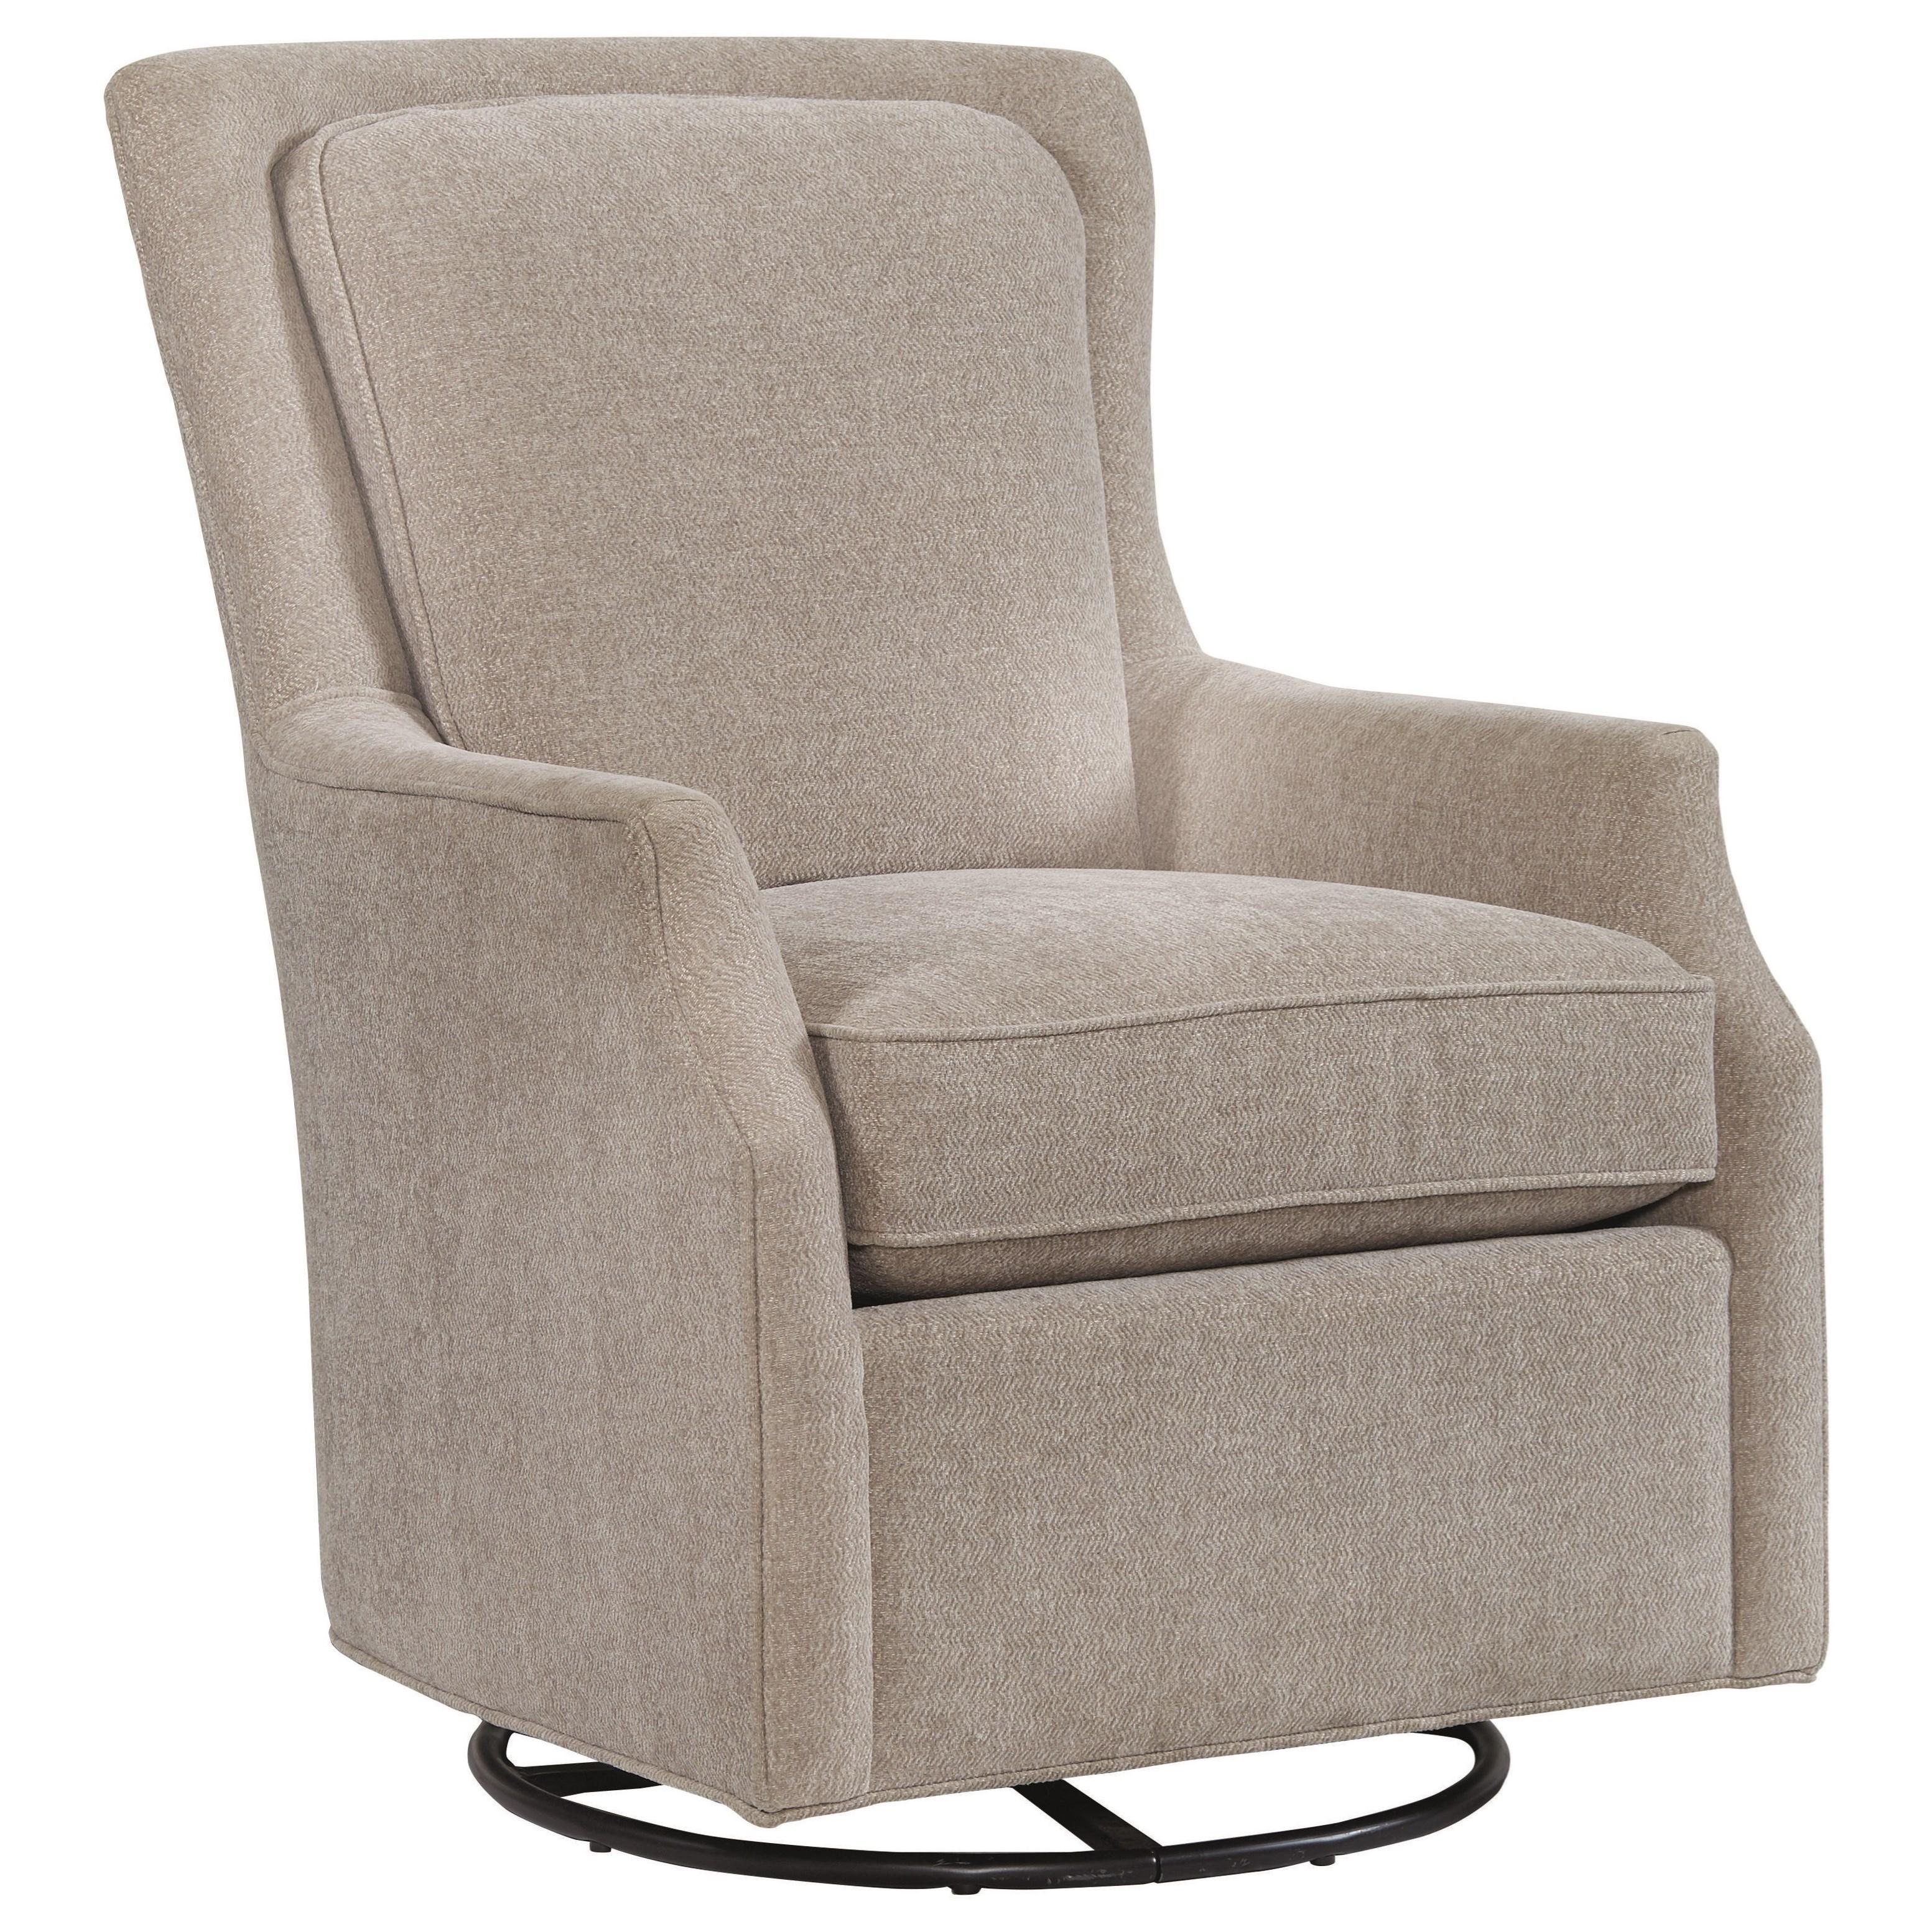 Kent  Swivel Glider Chair by Bassett at Bassett of Cool Springs